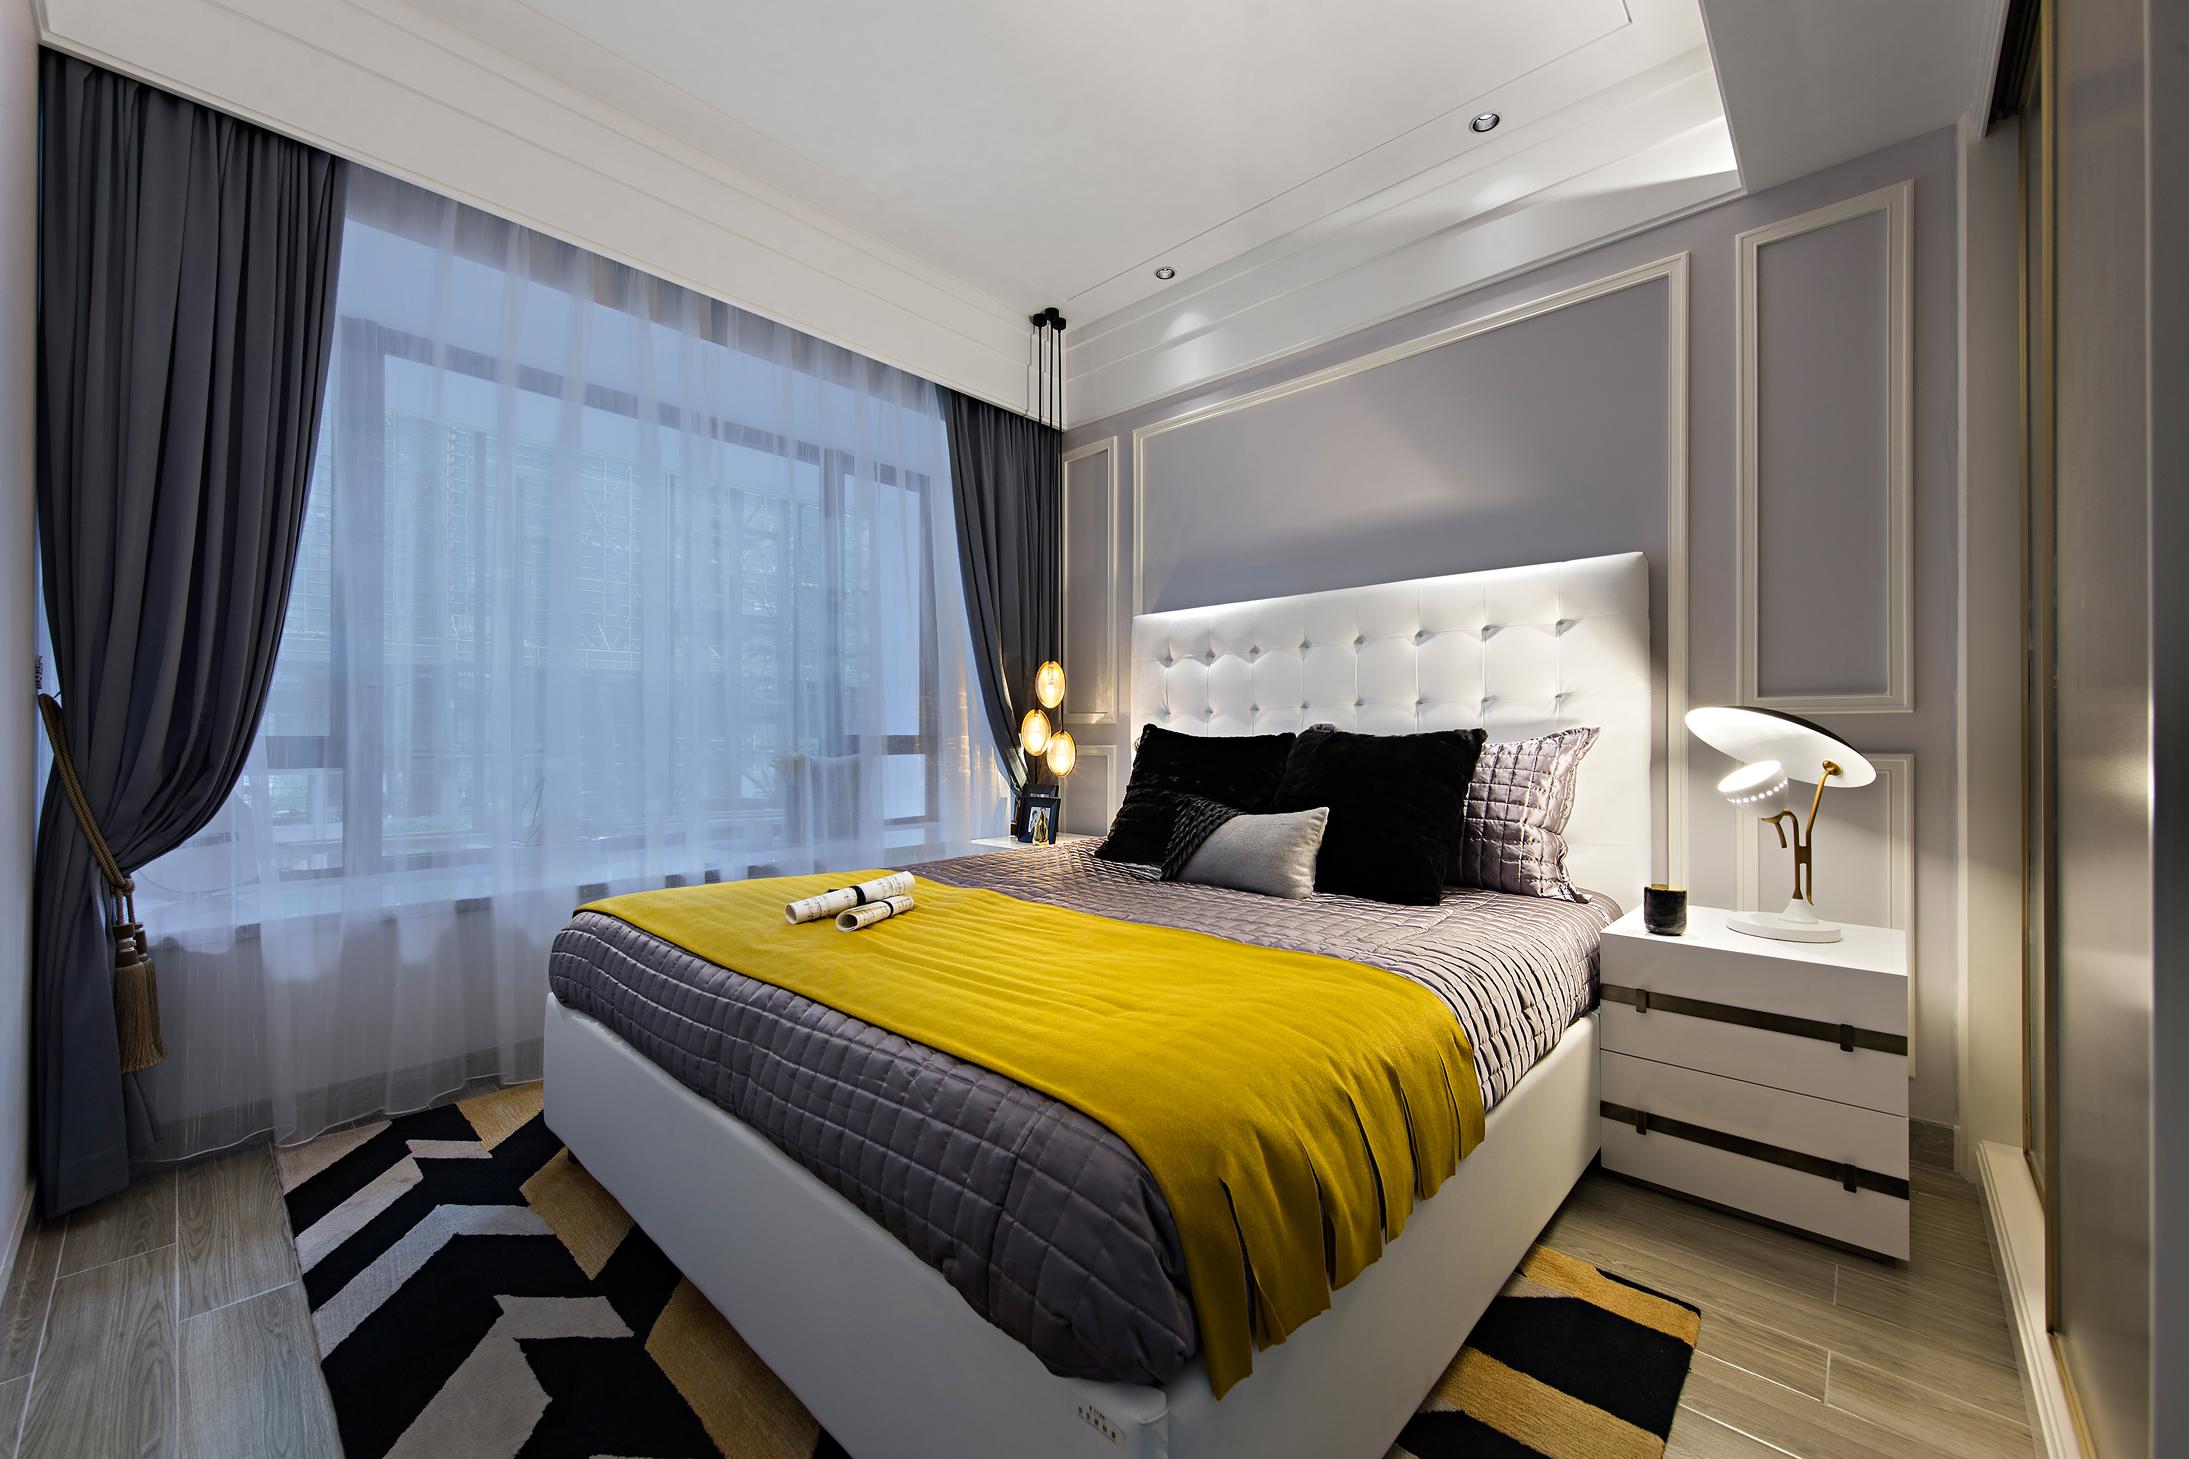 时尚摩登样板房卧室装修效果图